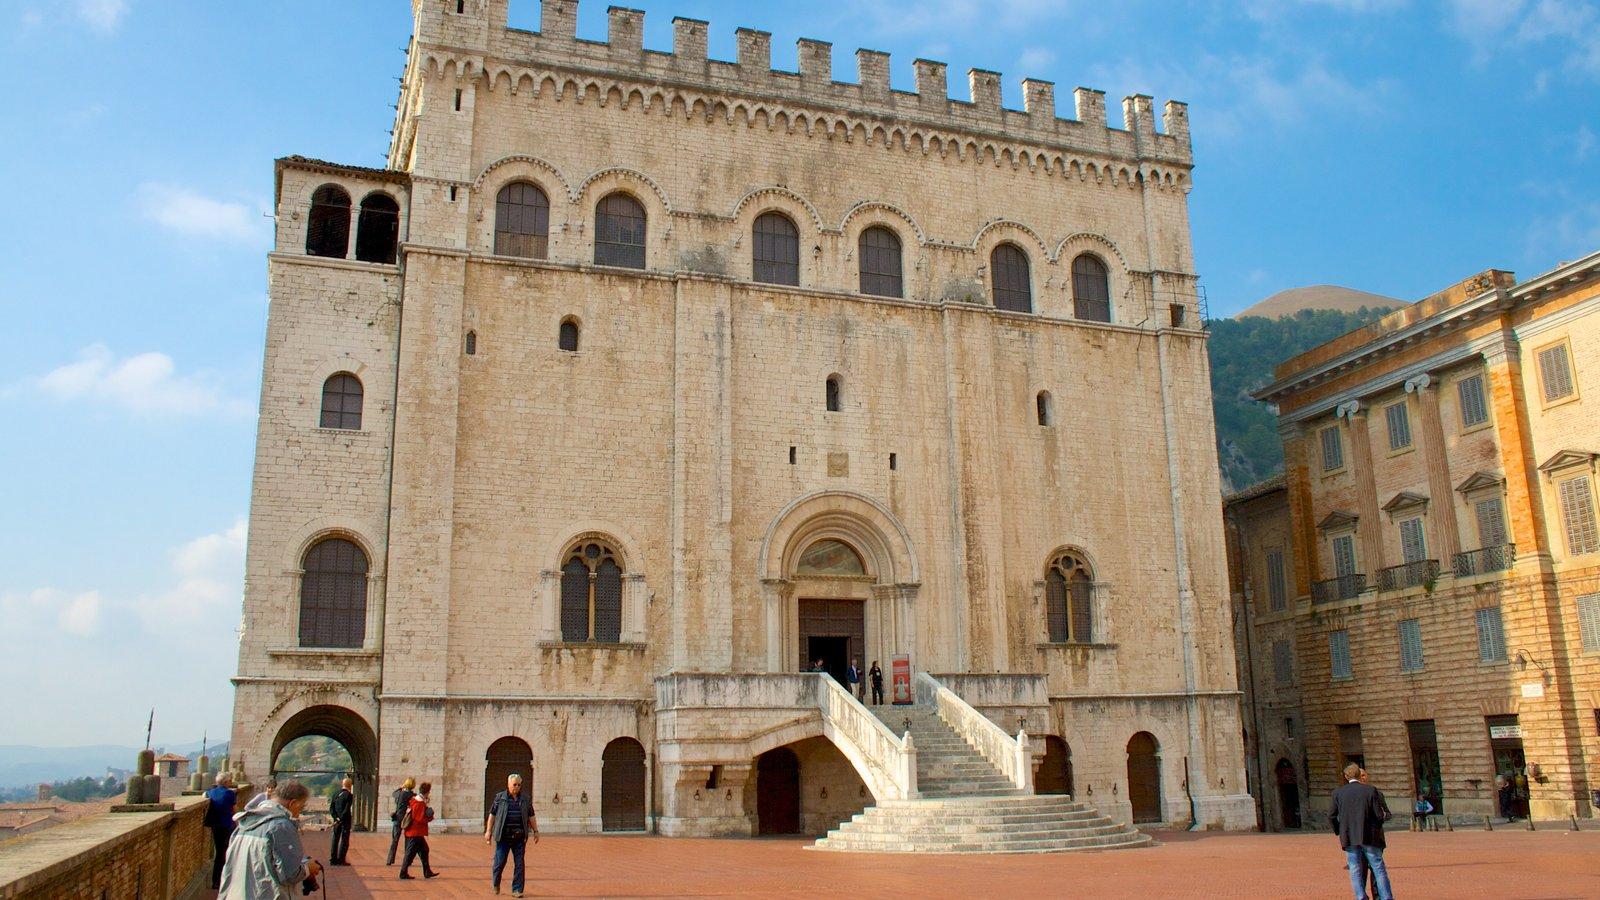 Gubbio que incluye patrimonio de arquitectura y un parque o plaza